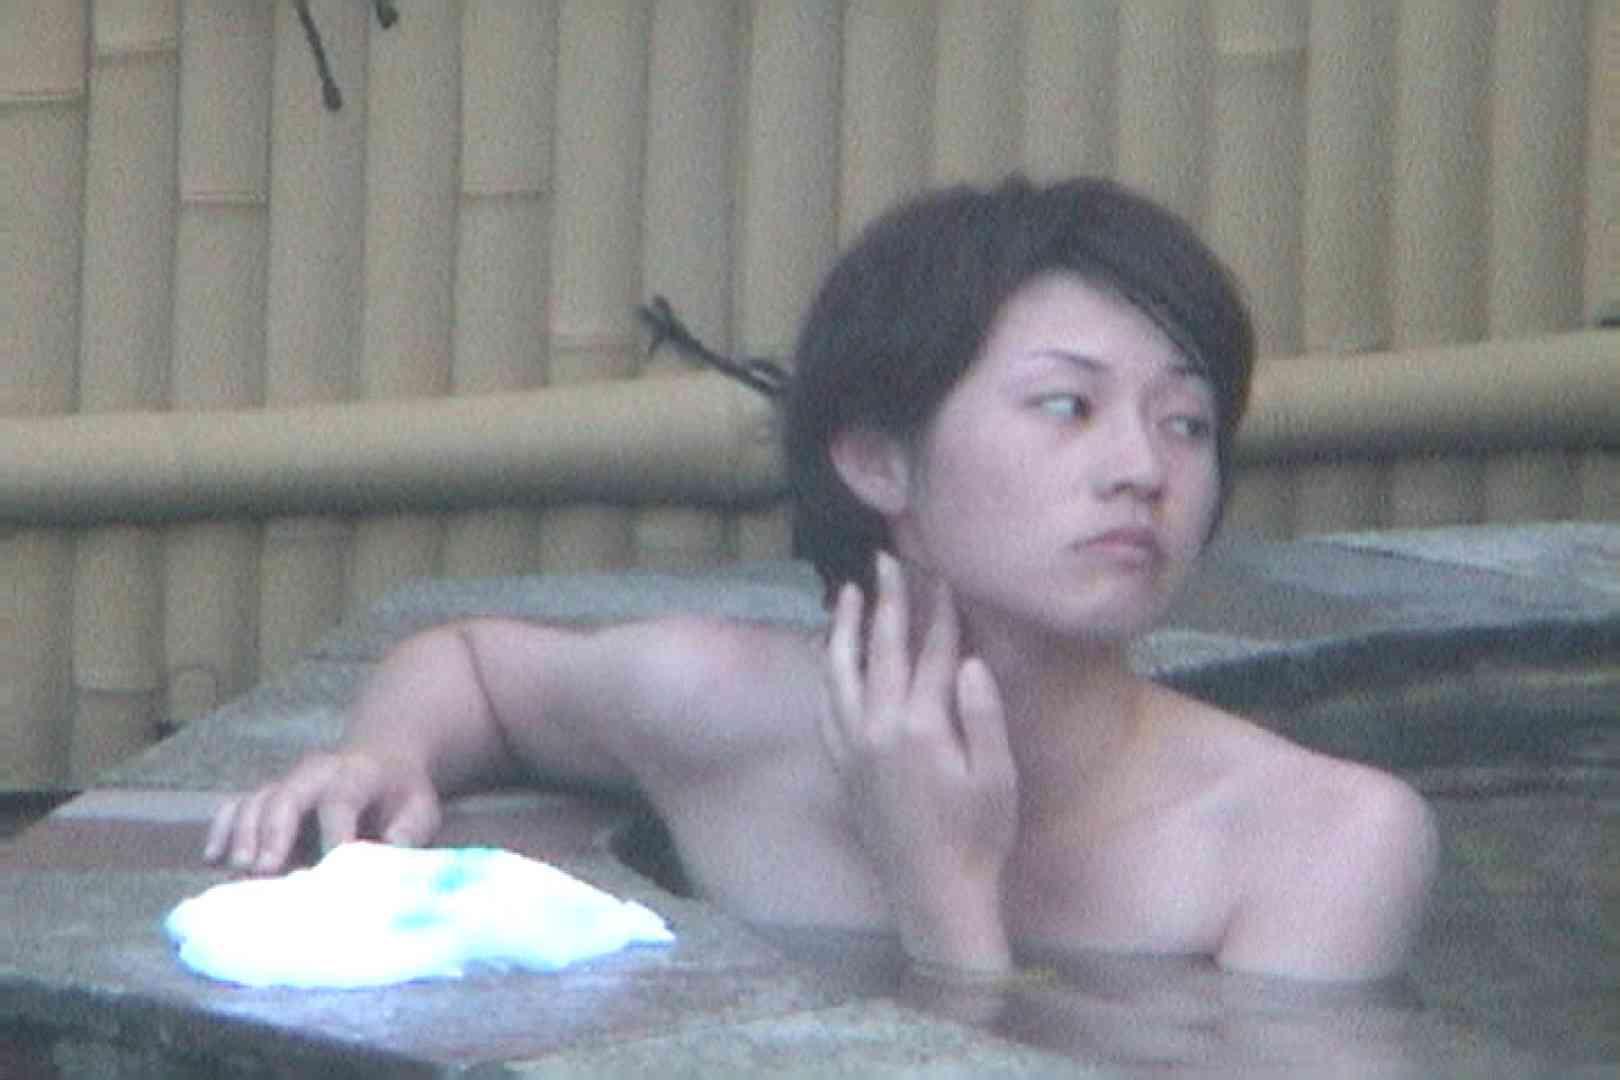 Aquaな露天風呂Vol.100【VIP限定】 盗撮シリーズ  105PIX 100